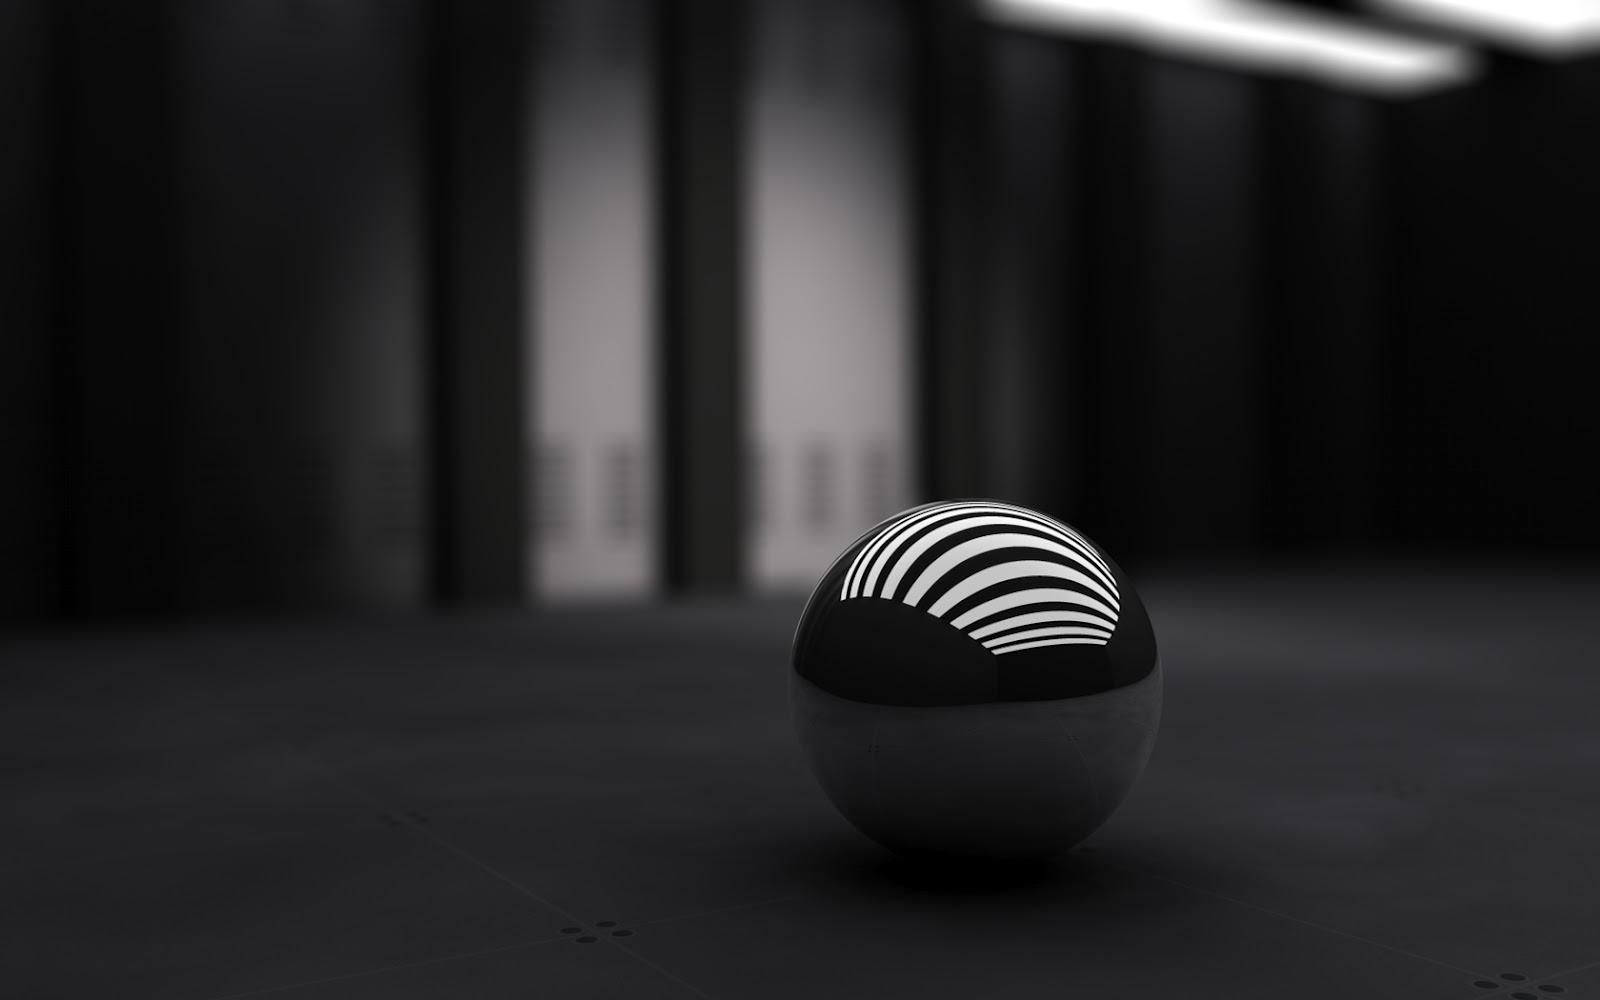 http://1.bp.blogspot.com/-e1-6-hxzIL4/Tz-fq_DyblI/AAAAAAAAA4Q/kOTN9LWrXk0/s1600/3d_black_ball-wide.jpg